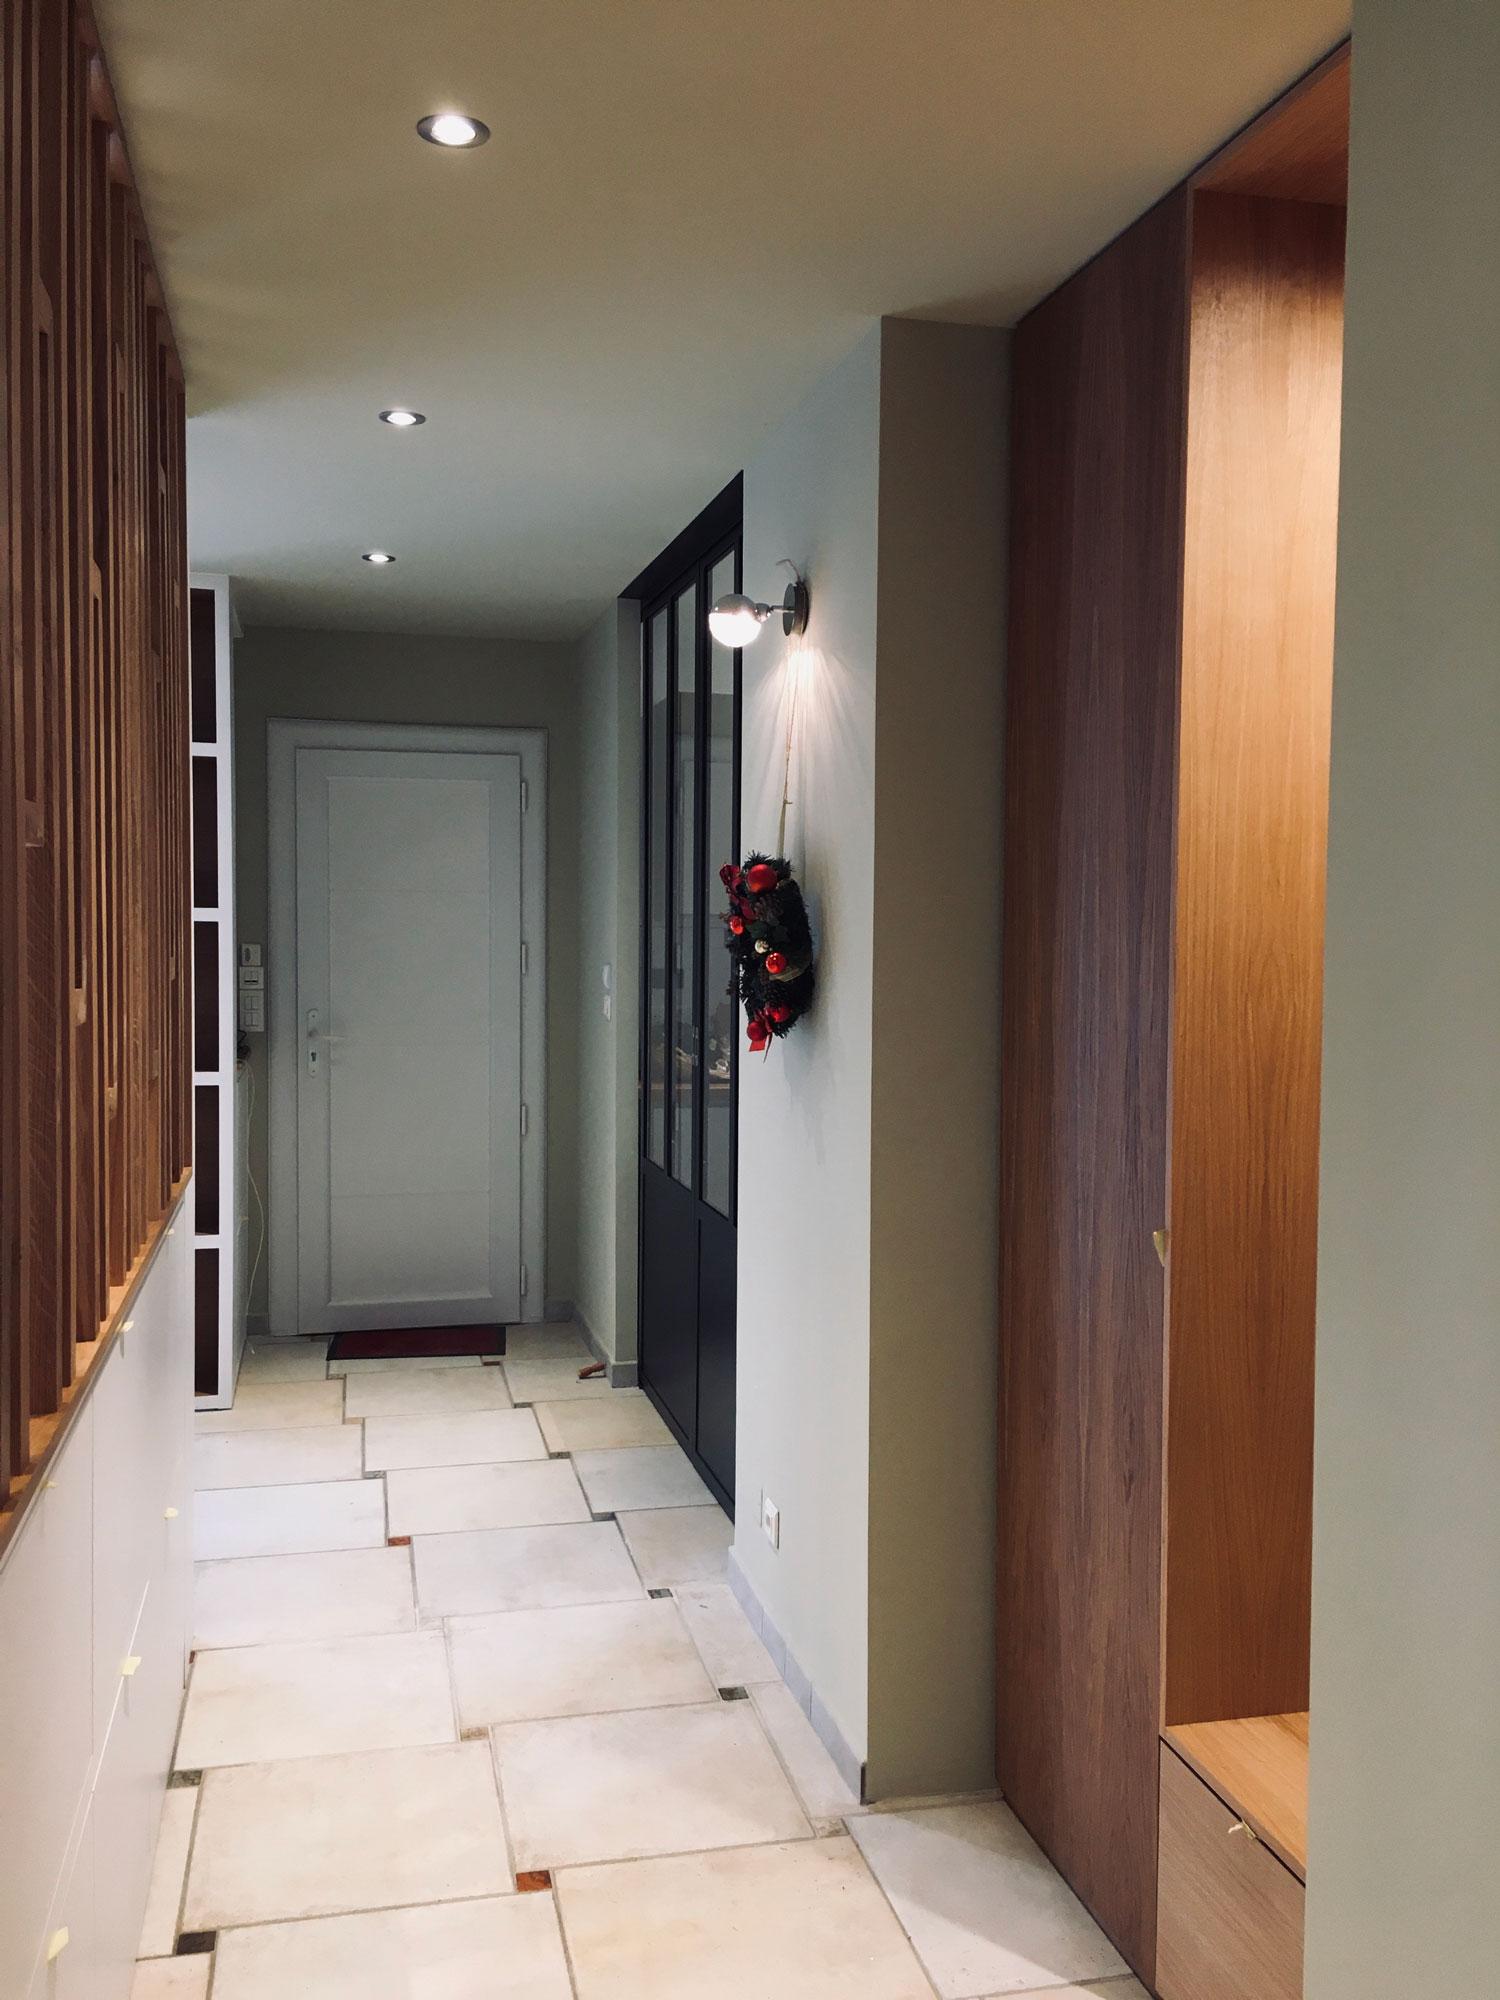 architecture montpellier renovation interieur mobilier sur mesure 8